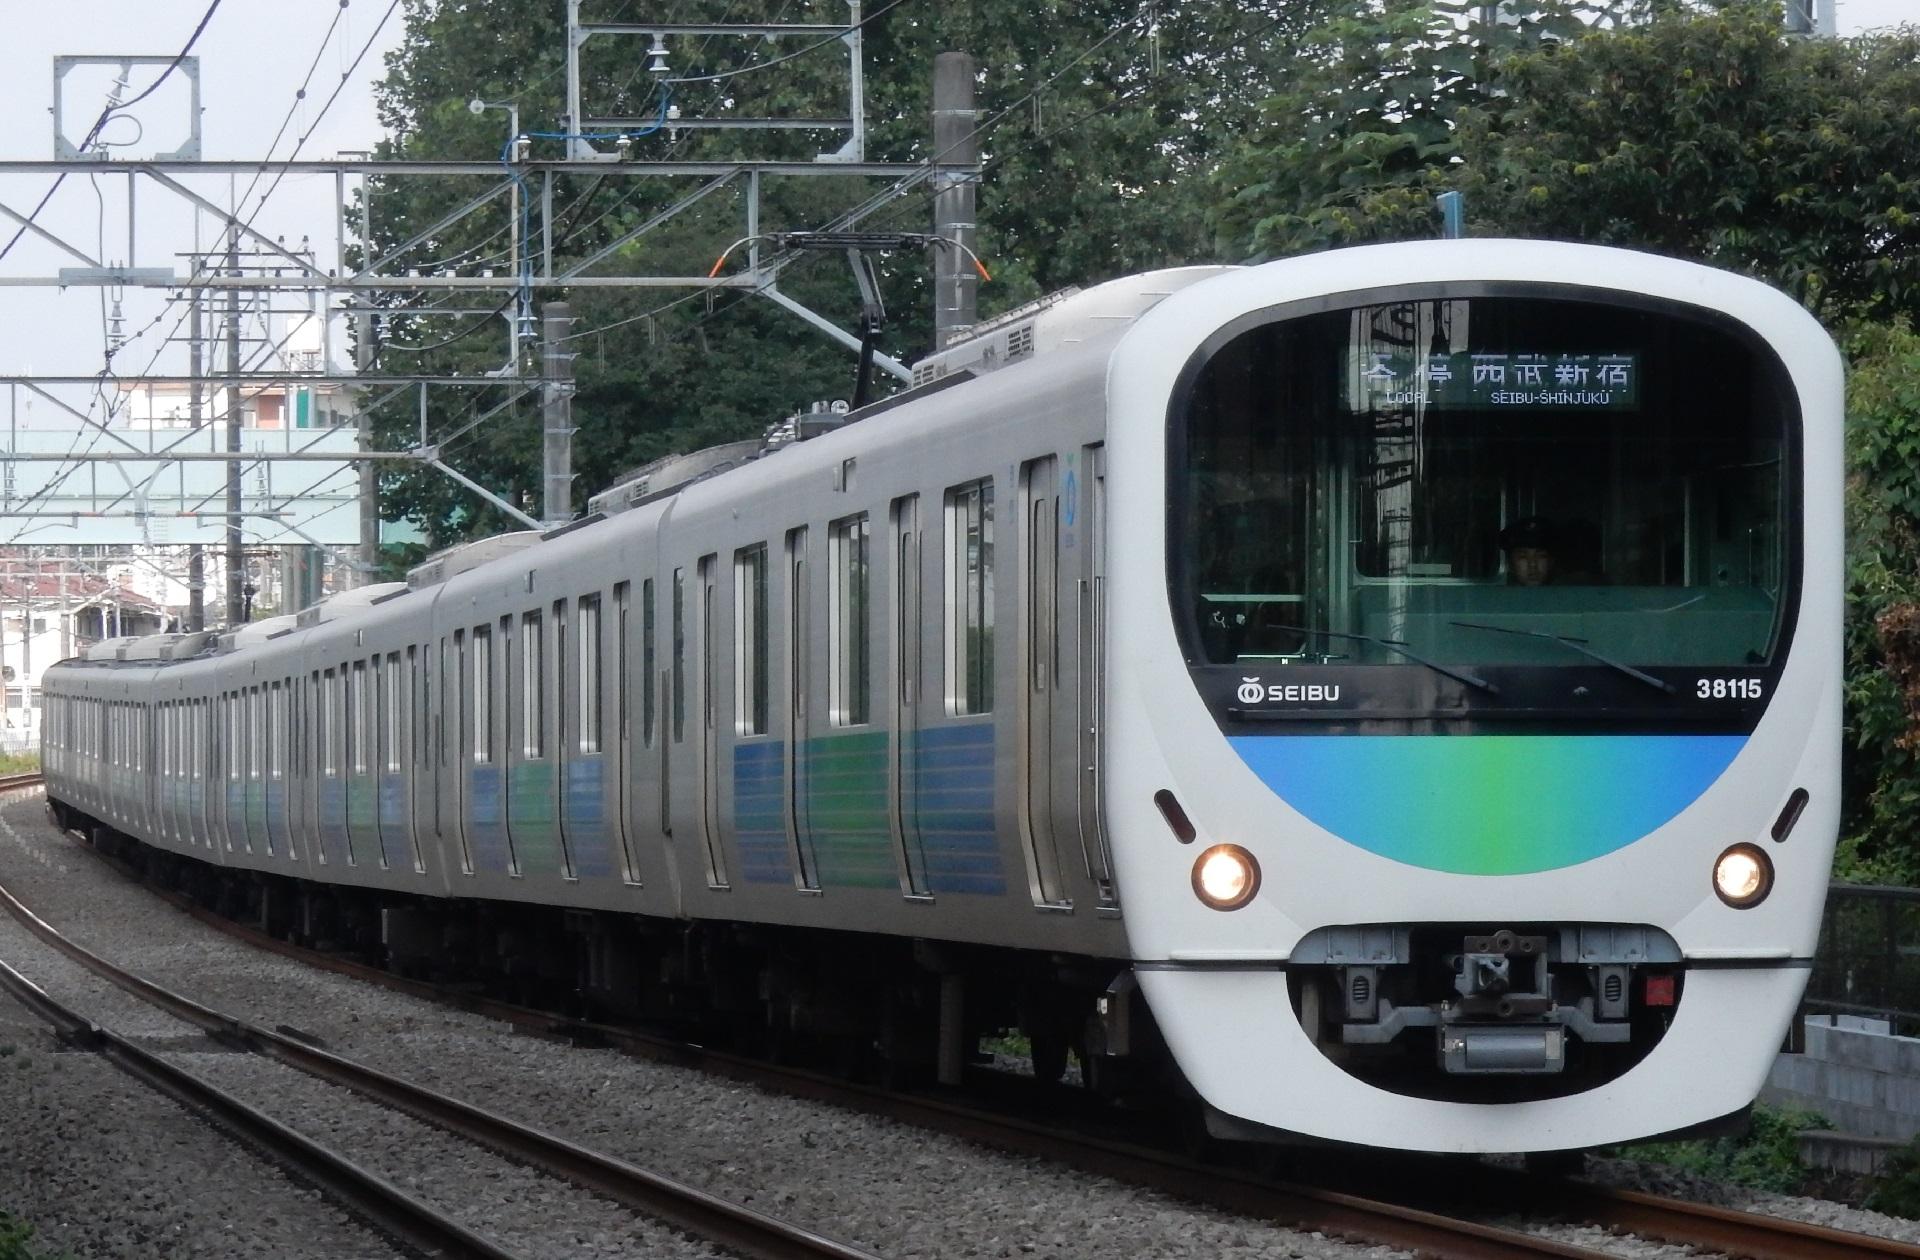 DSCN4929 - コピー